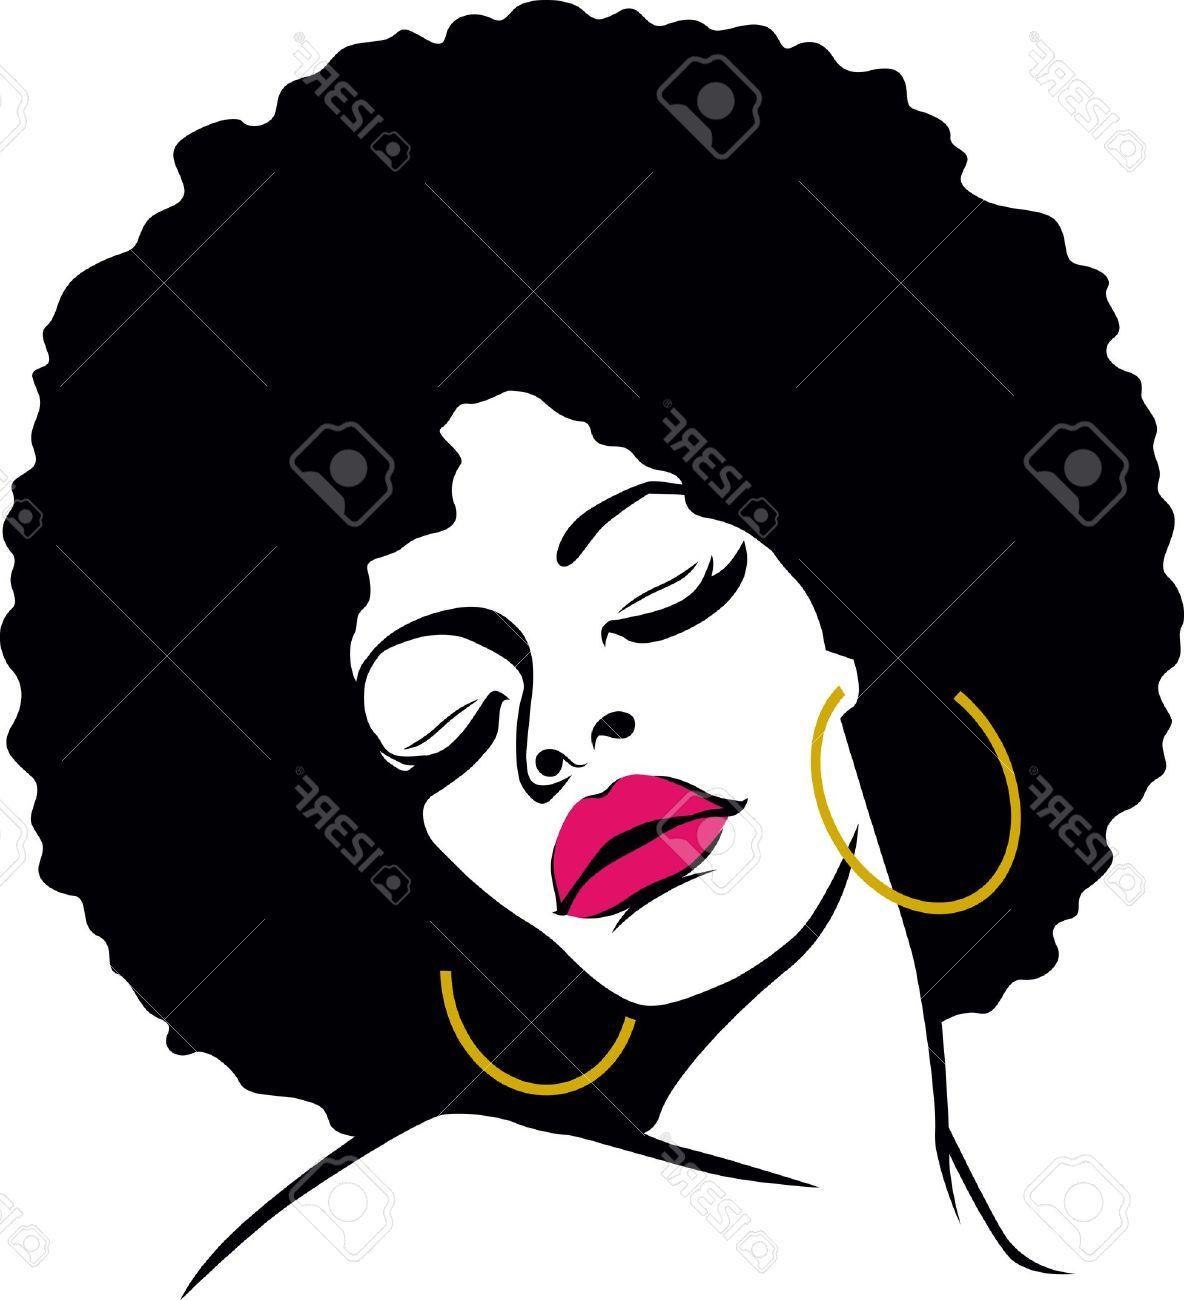 1184x1300 Best 15 Afro Hair Hippie Woman Pop Art Stock Vector African